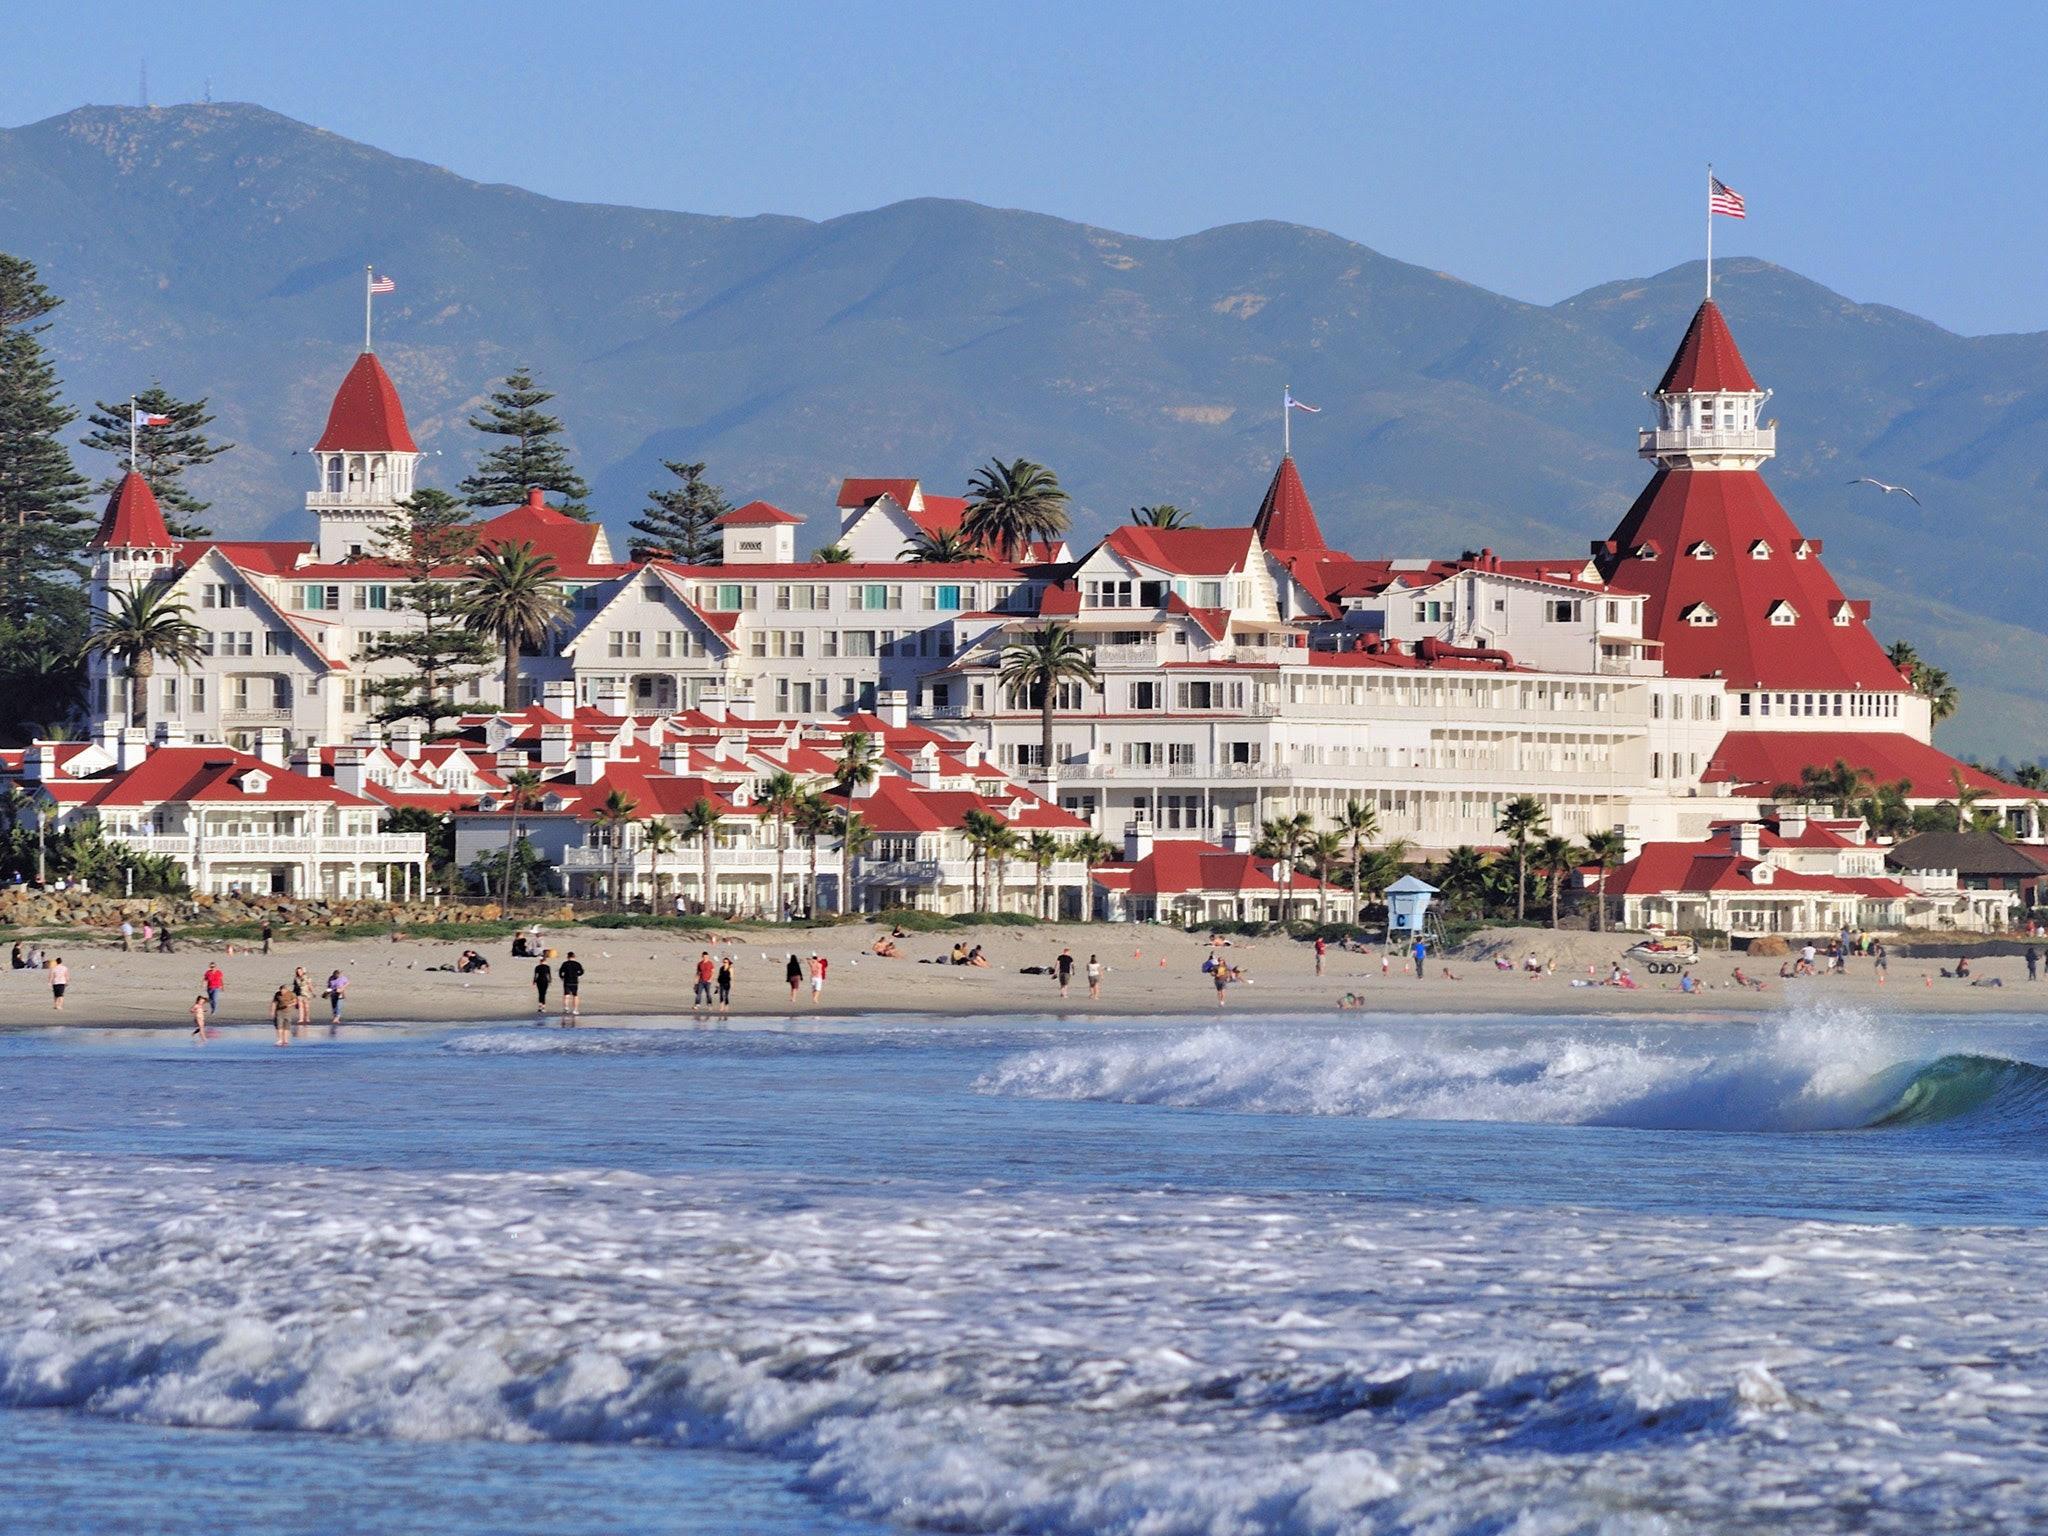 Hotel Del Coronado San Diego California  Resort Review